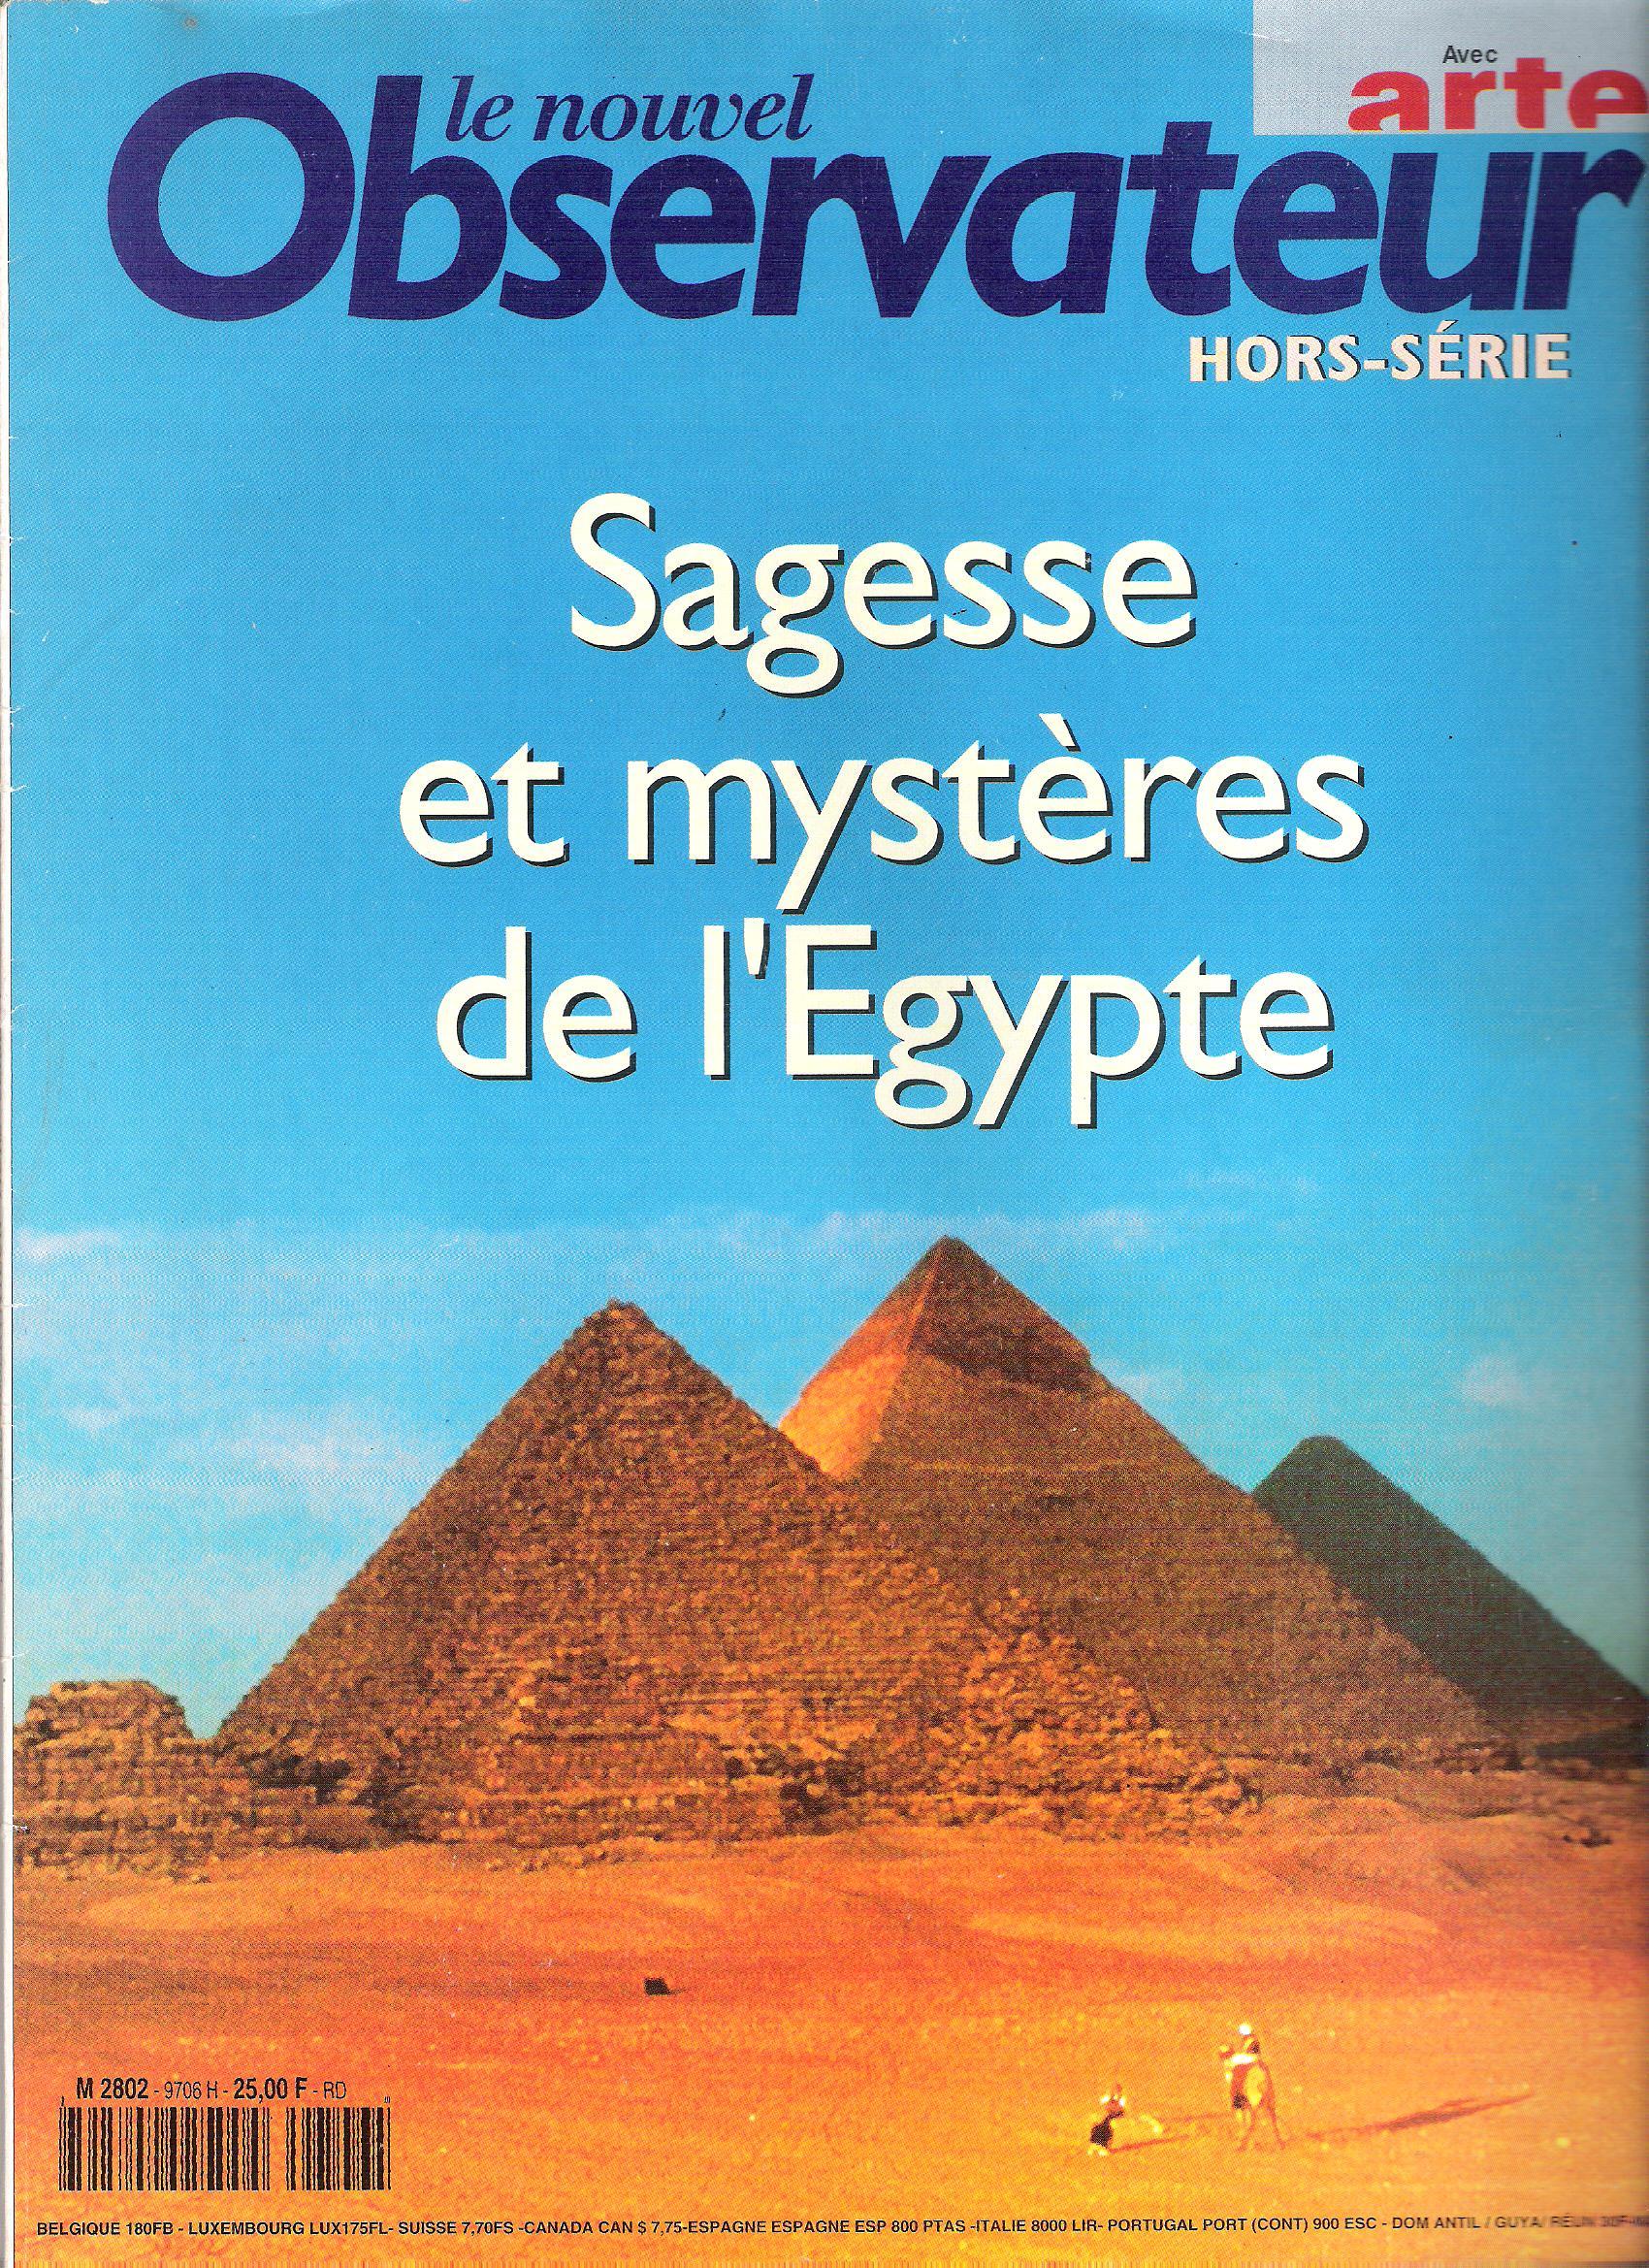 Sagesse et mystères de l'Egypte